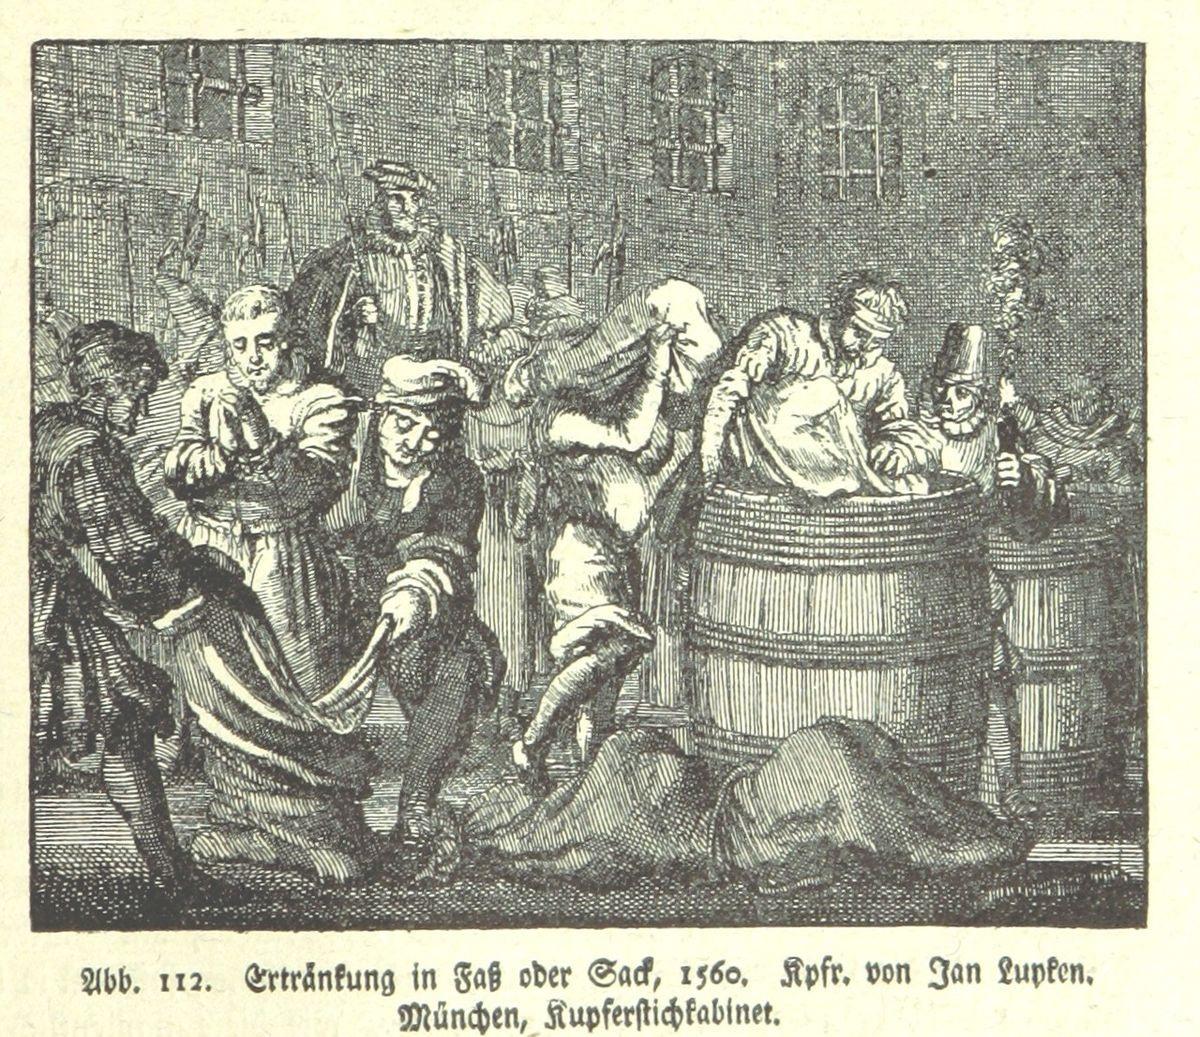 مصدر الصورة ويكيبيديا: يتم وضع المحكوم عليهم في كيس، ثم توضع في الكيس مجموعة من الحيوانات ومن ثمّ يتم إقفاله الكيس ورميه في الماء